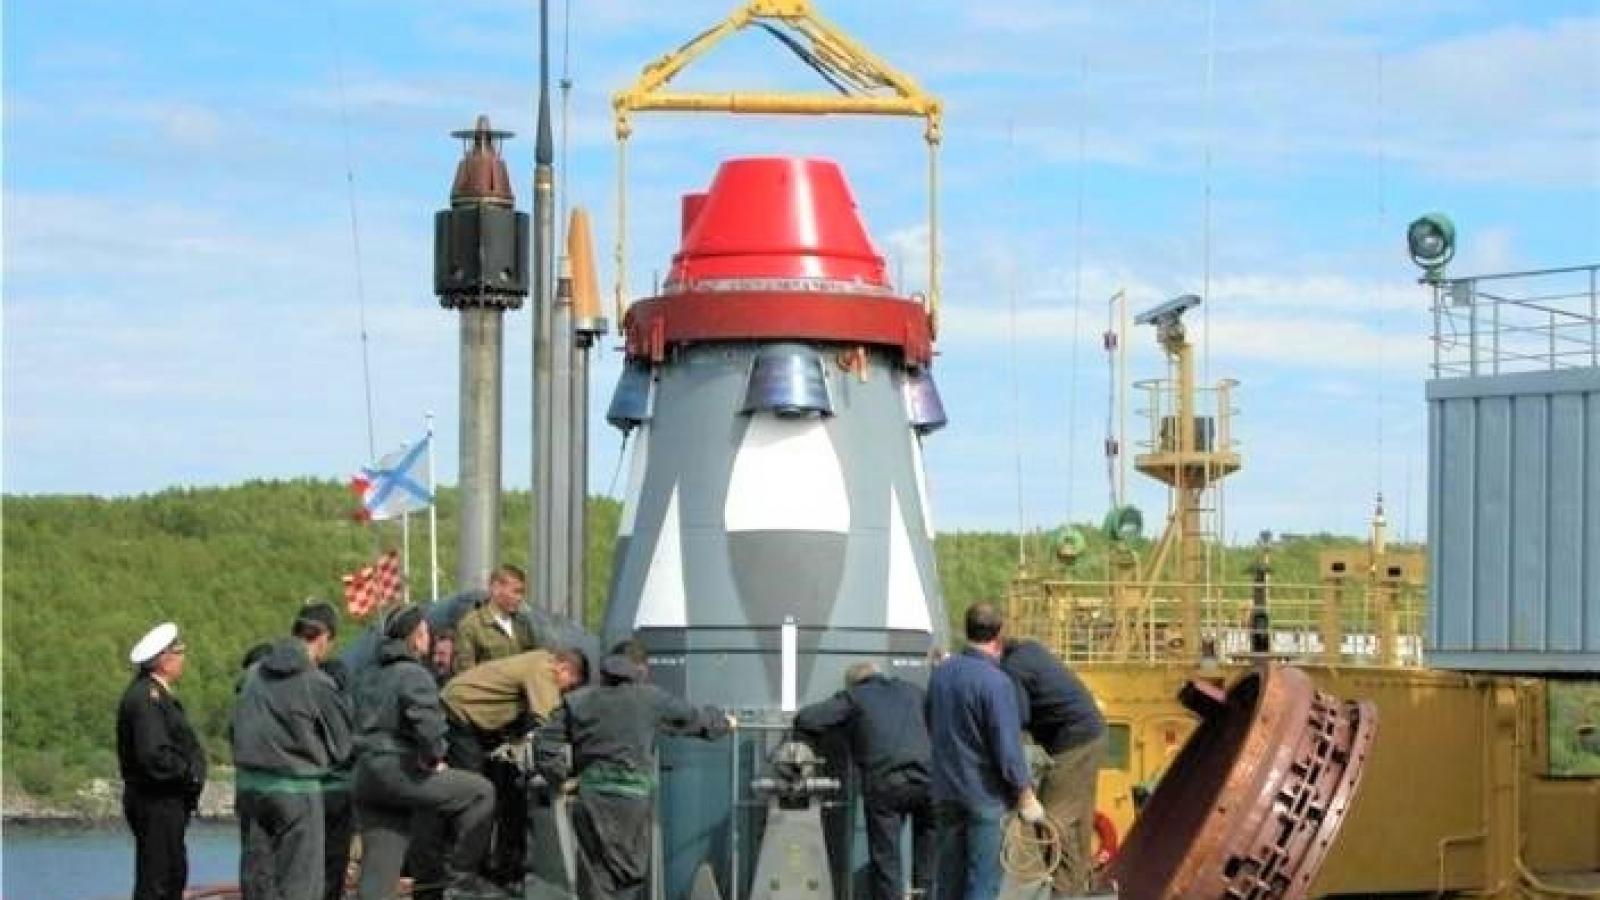 Phương án mới phóng tên lửa đạn đạo từ dưới nước vừa được Nga cấp bằng sáng chế